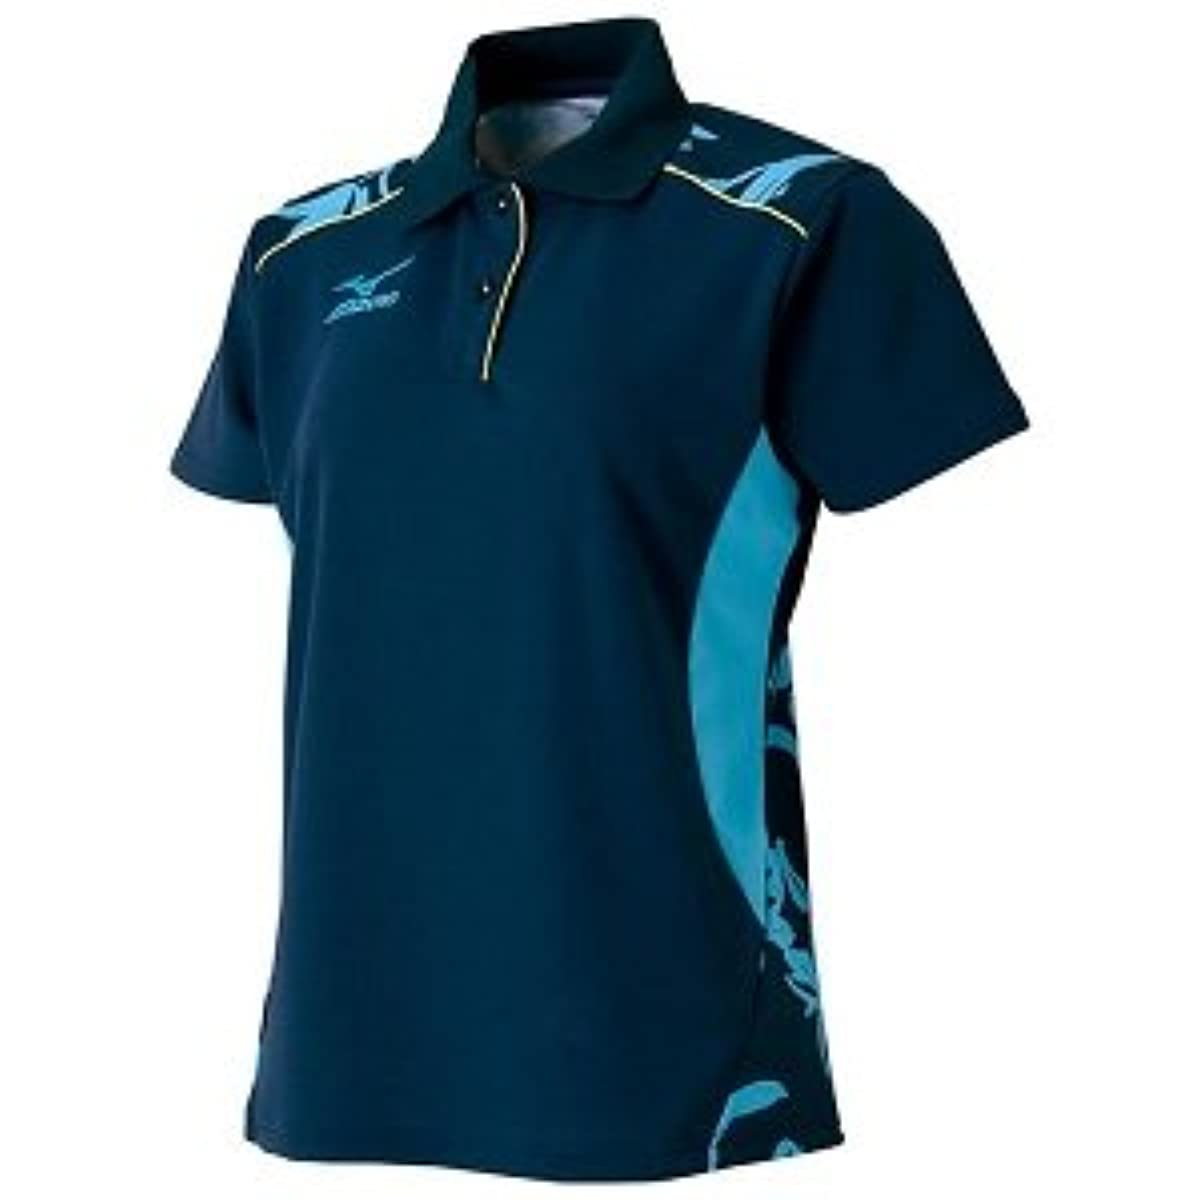 [해외] MIZUNO 드라이어이 사이언스/게임 셔츠(탁구/레이디스) 주문 상품 사이즈:2XL